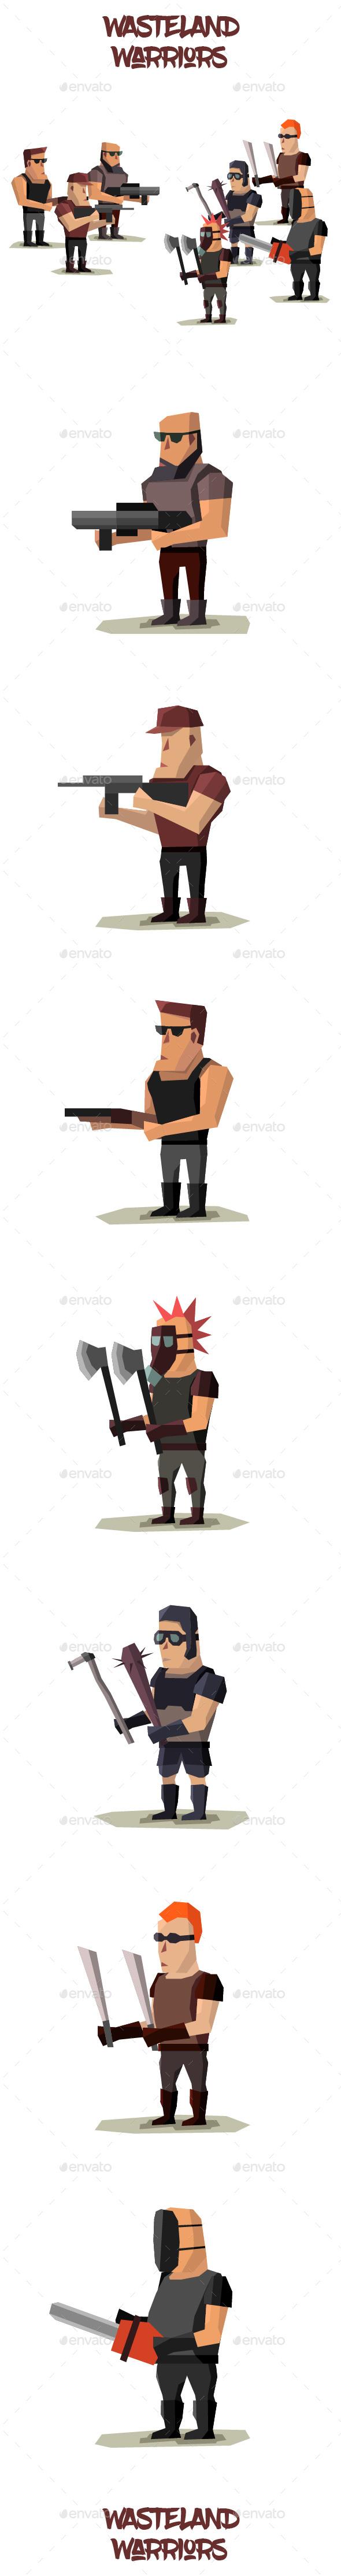 Wasteland Warriors (Sprites)